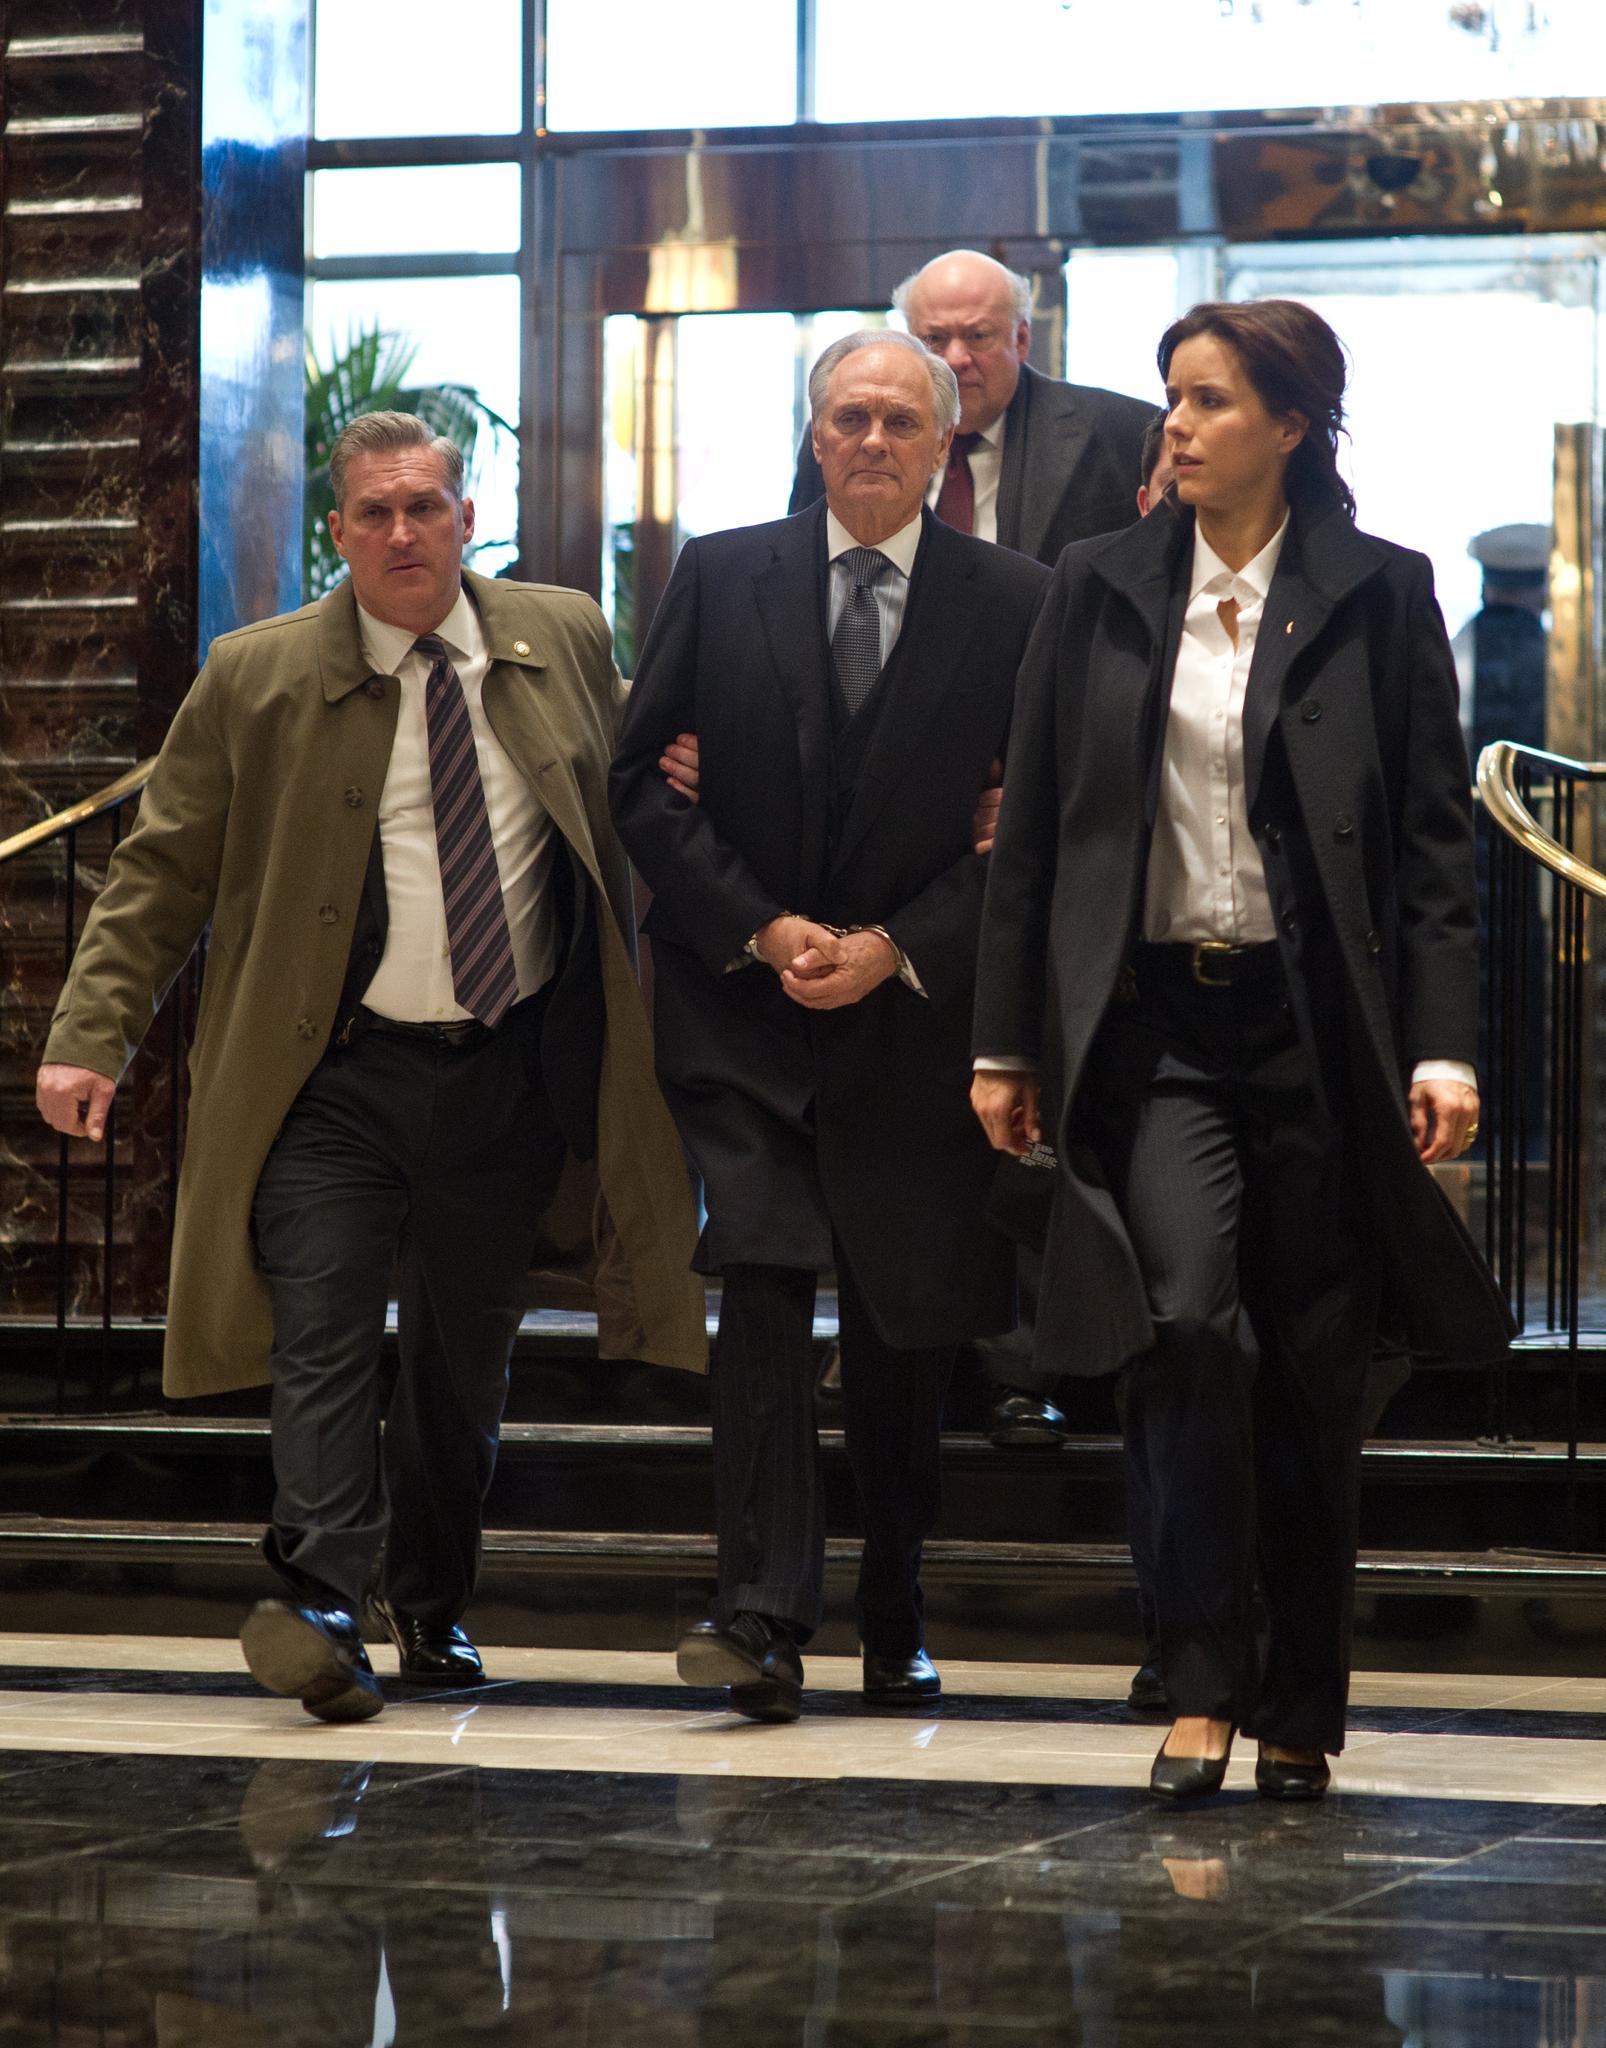 Alan Alda, Téa Leoni, and Stephen McKinley Henderson in Tower Heist (2011)